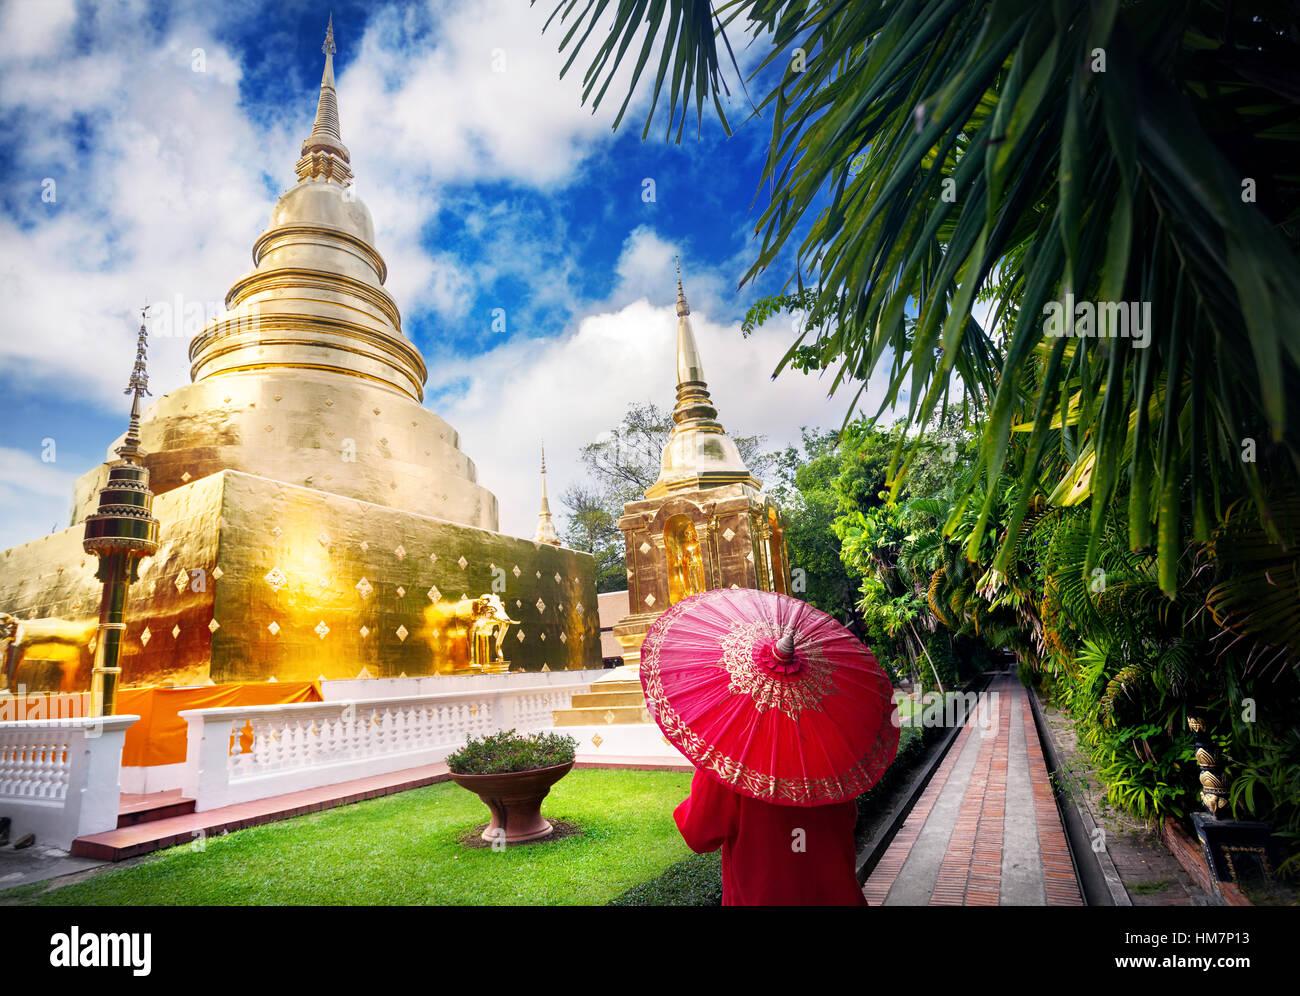 Frau Tourist mit roten traditionelle Thai Regenschirm in der Nähe von goldenen Stupa im Tempel Wat Phra Singh in Chiang Mai, Thailand Stockfoto